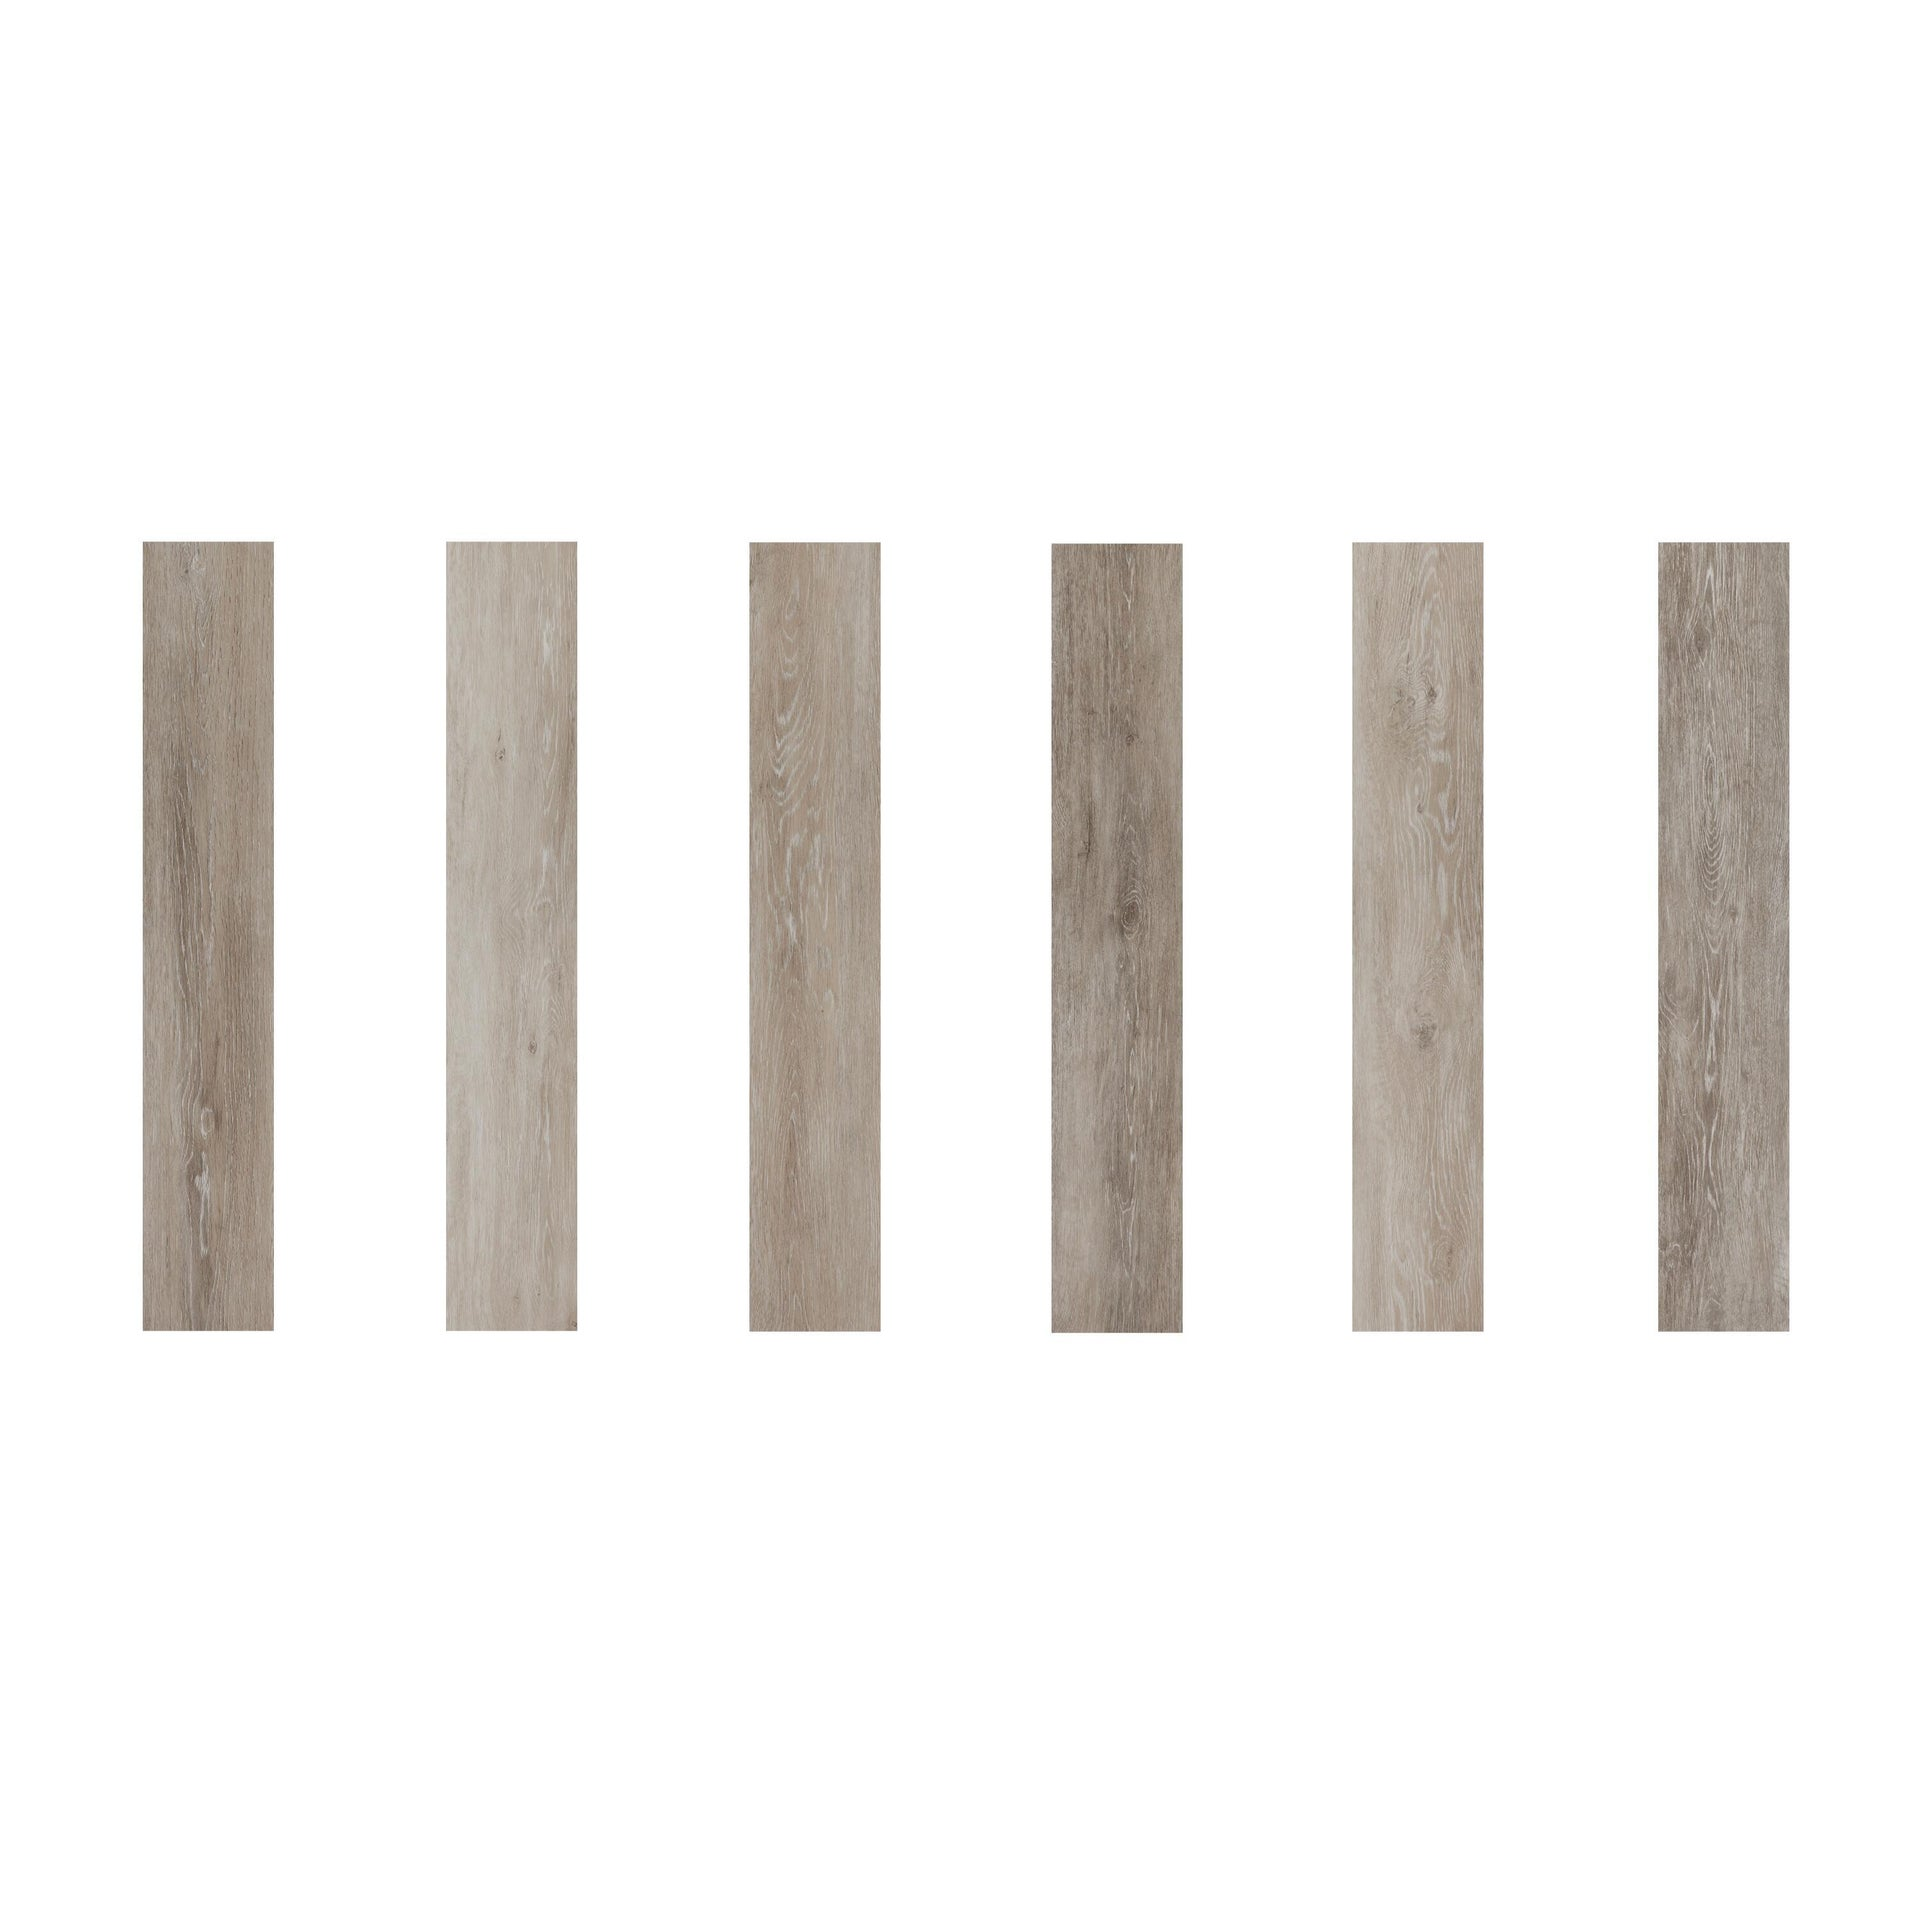 Plancia di vinile adesivo New Helix Sp 2 mm beige - 6